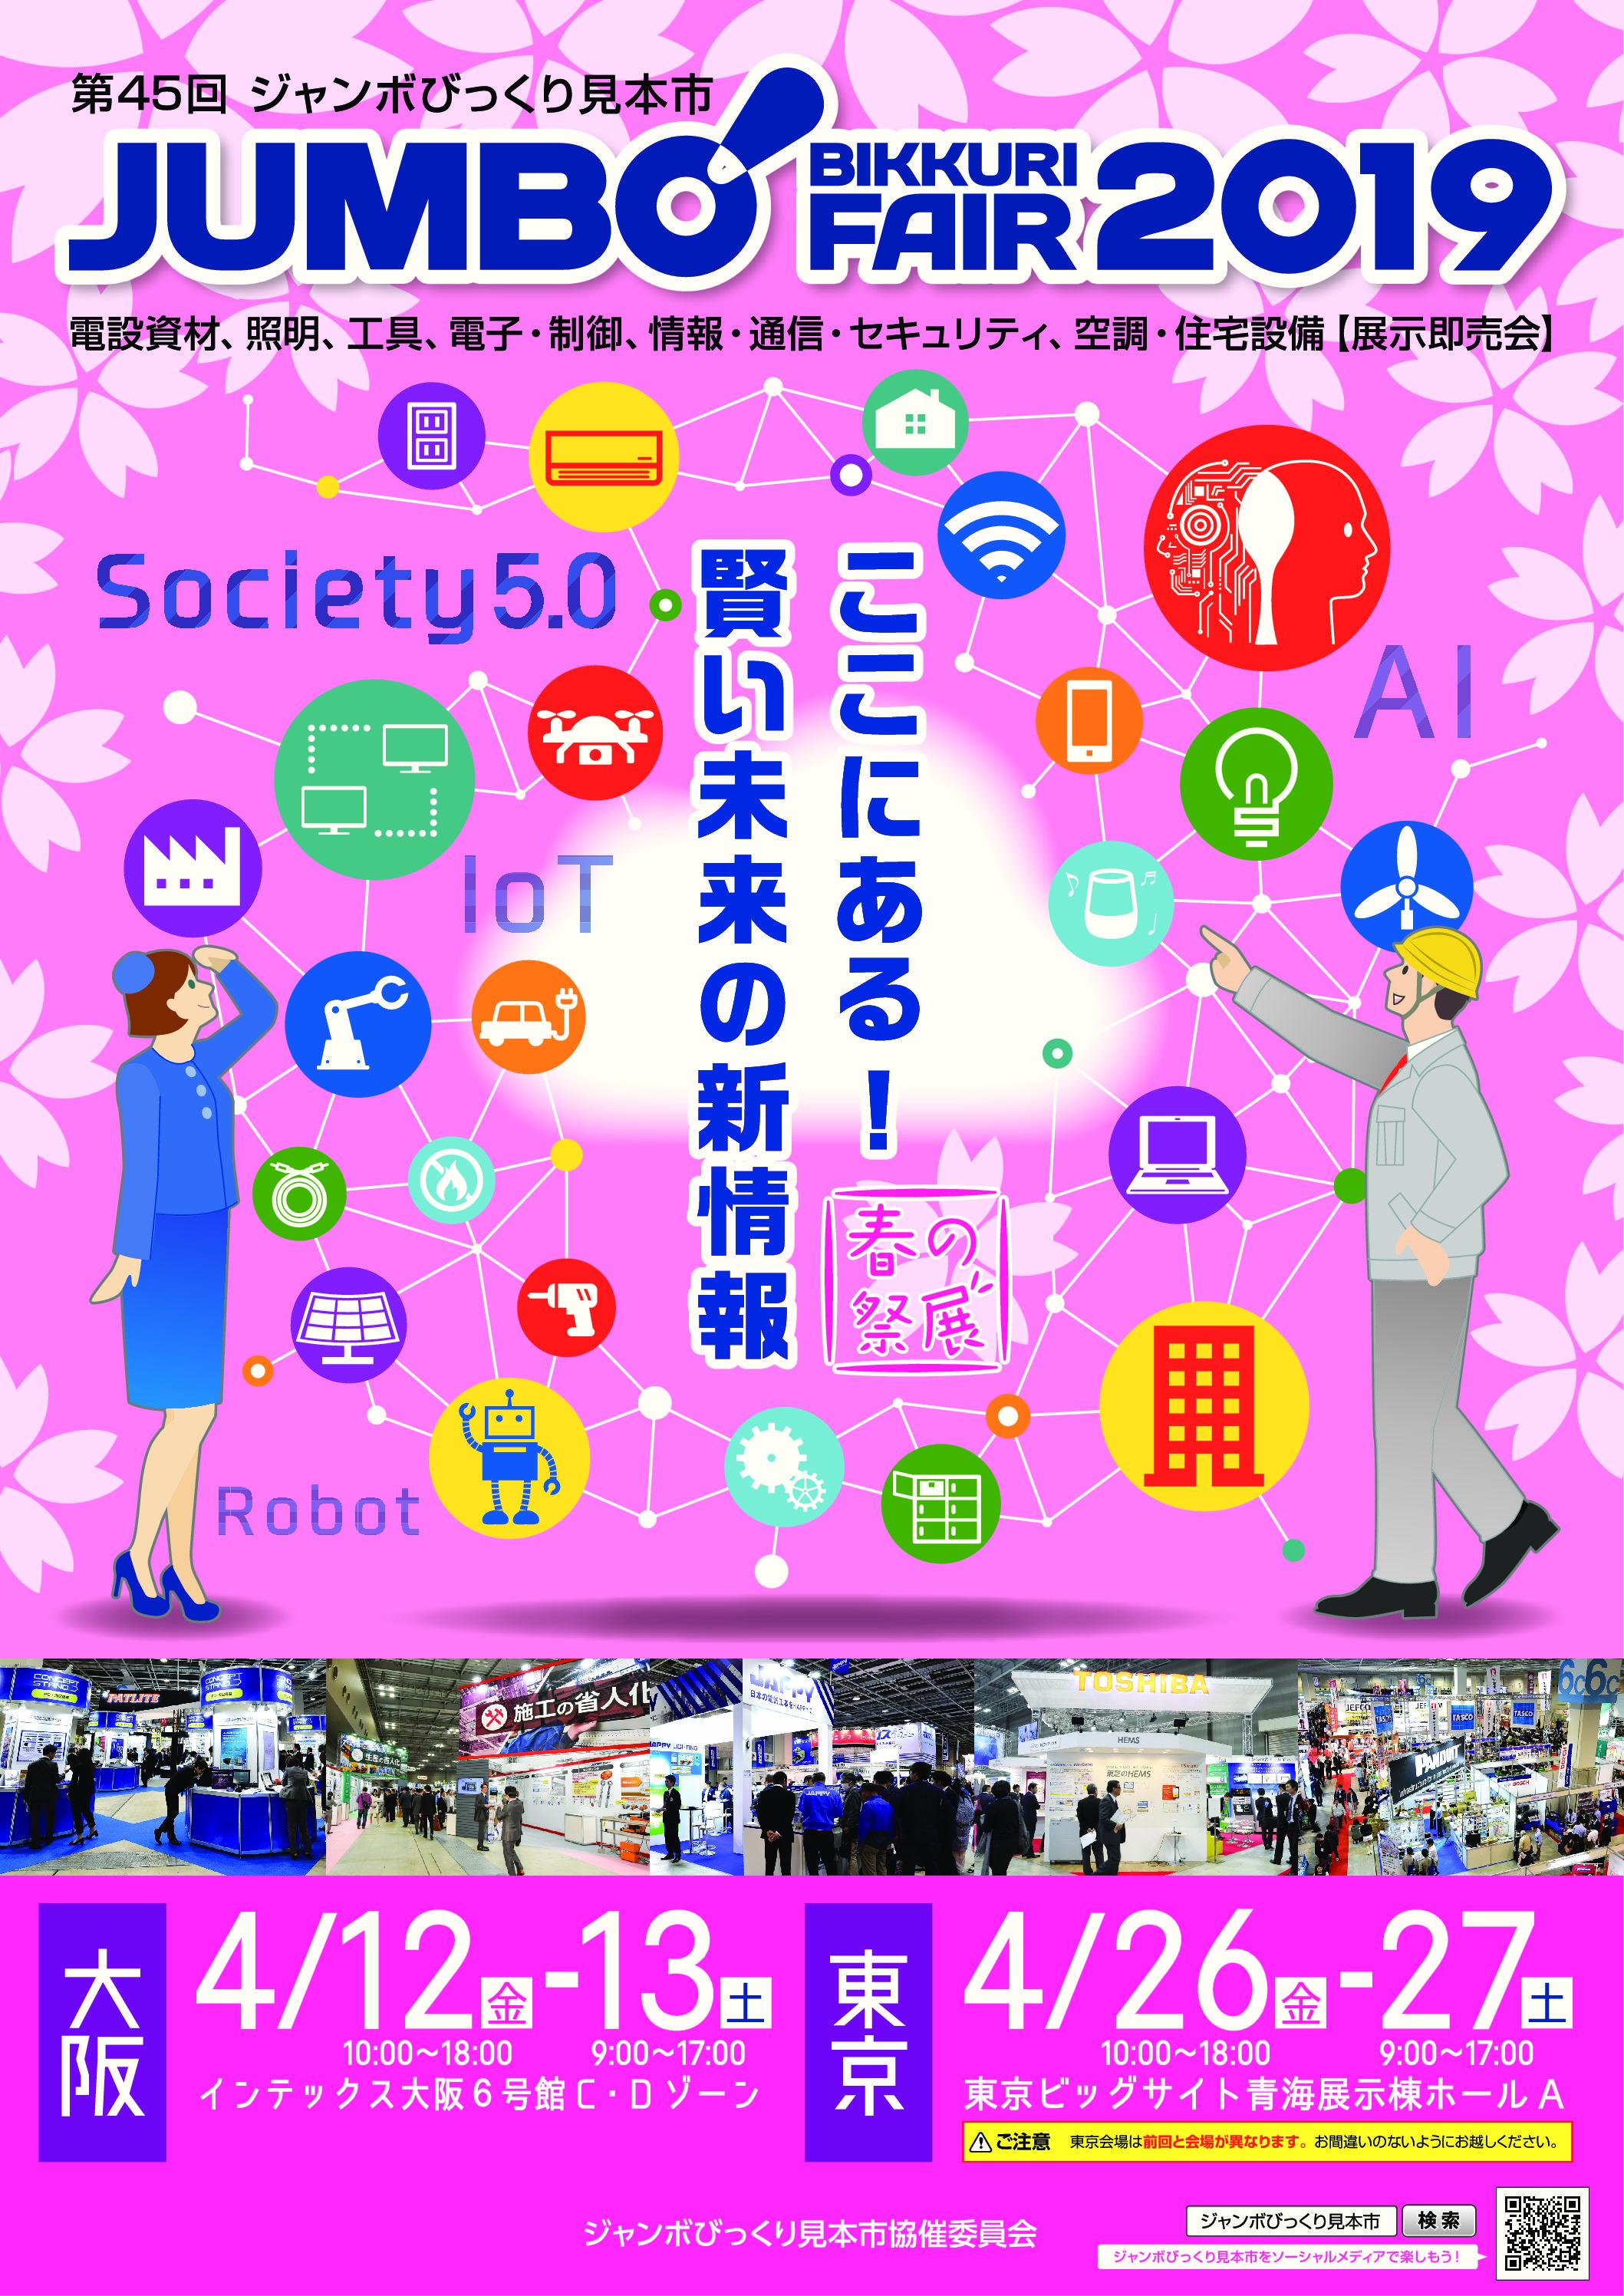 『第45回ジャンボびっくり見本市』が4月12,13日大阪。4月26,27日東京で開催決定!の画像